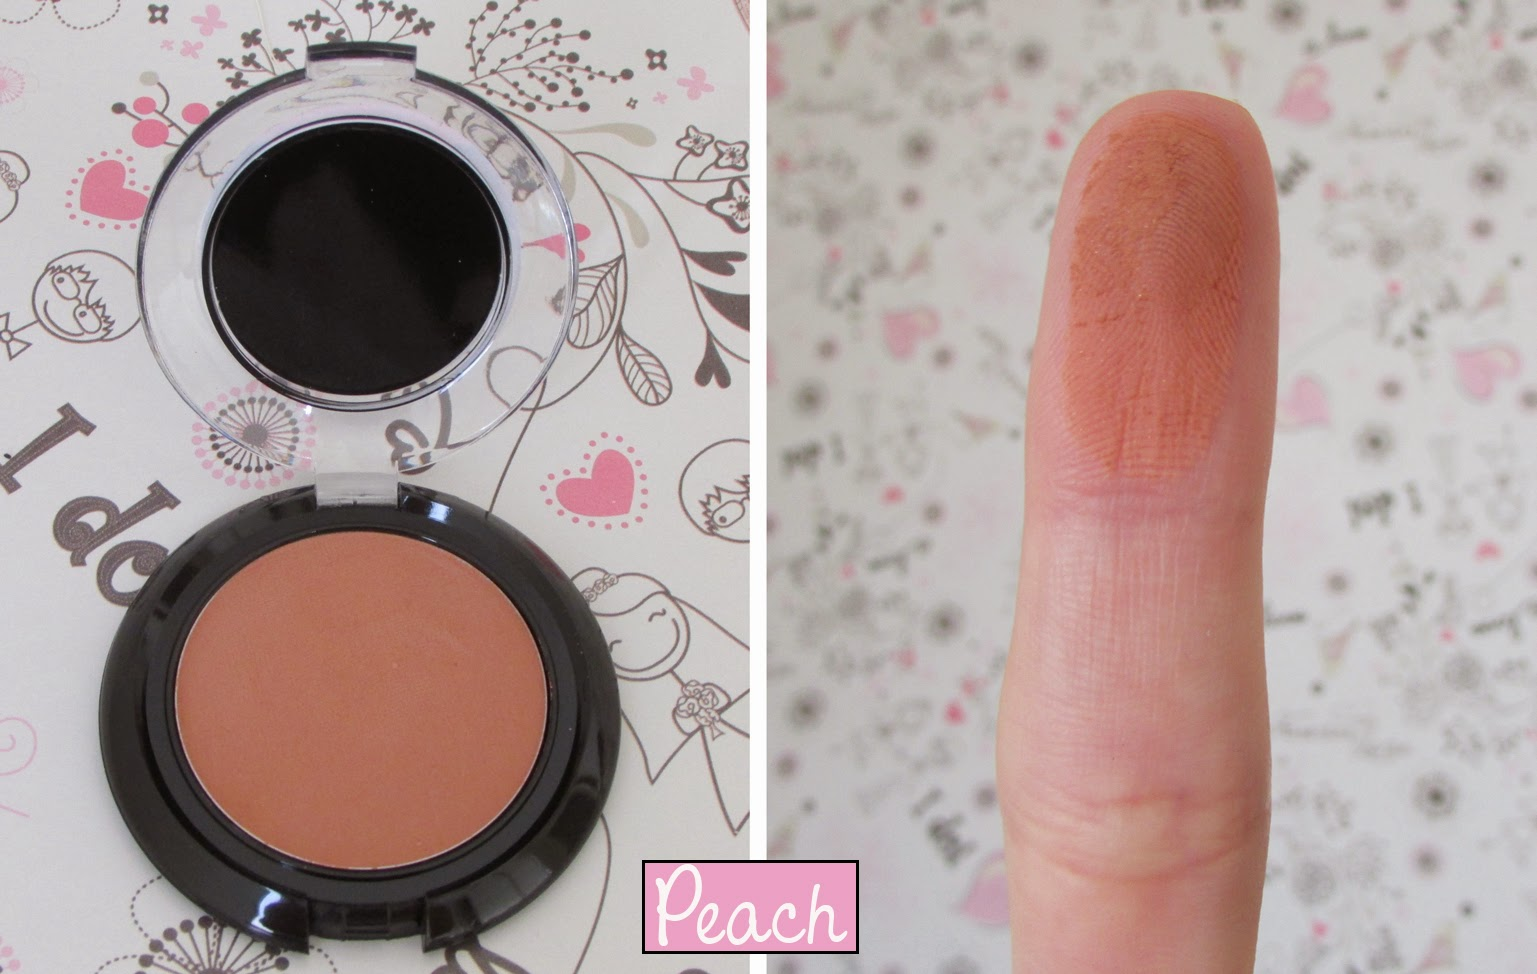 Nova, Coleção, Sombras, Uno, Peach, Archy Make Up